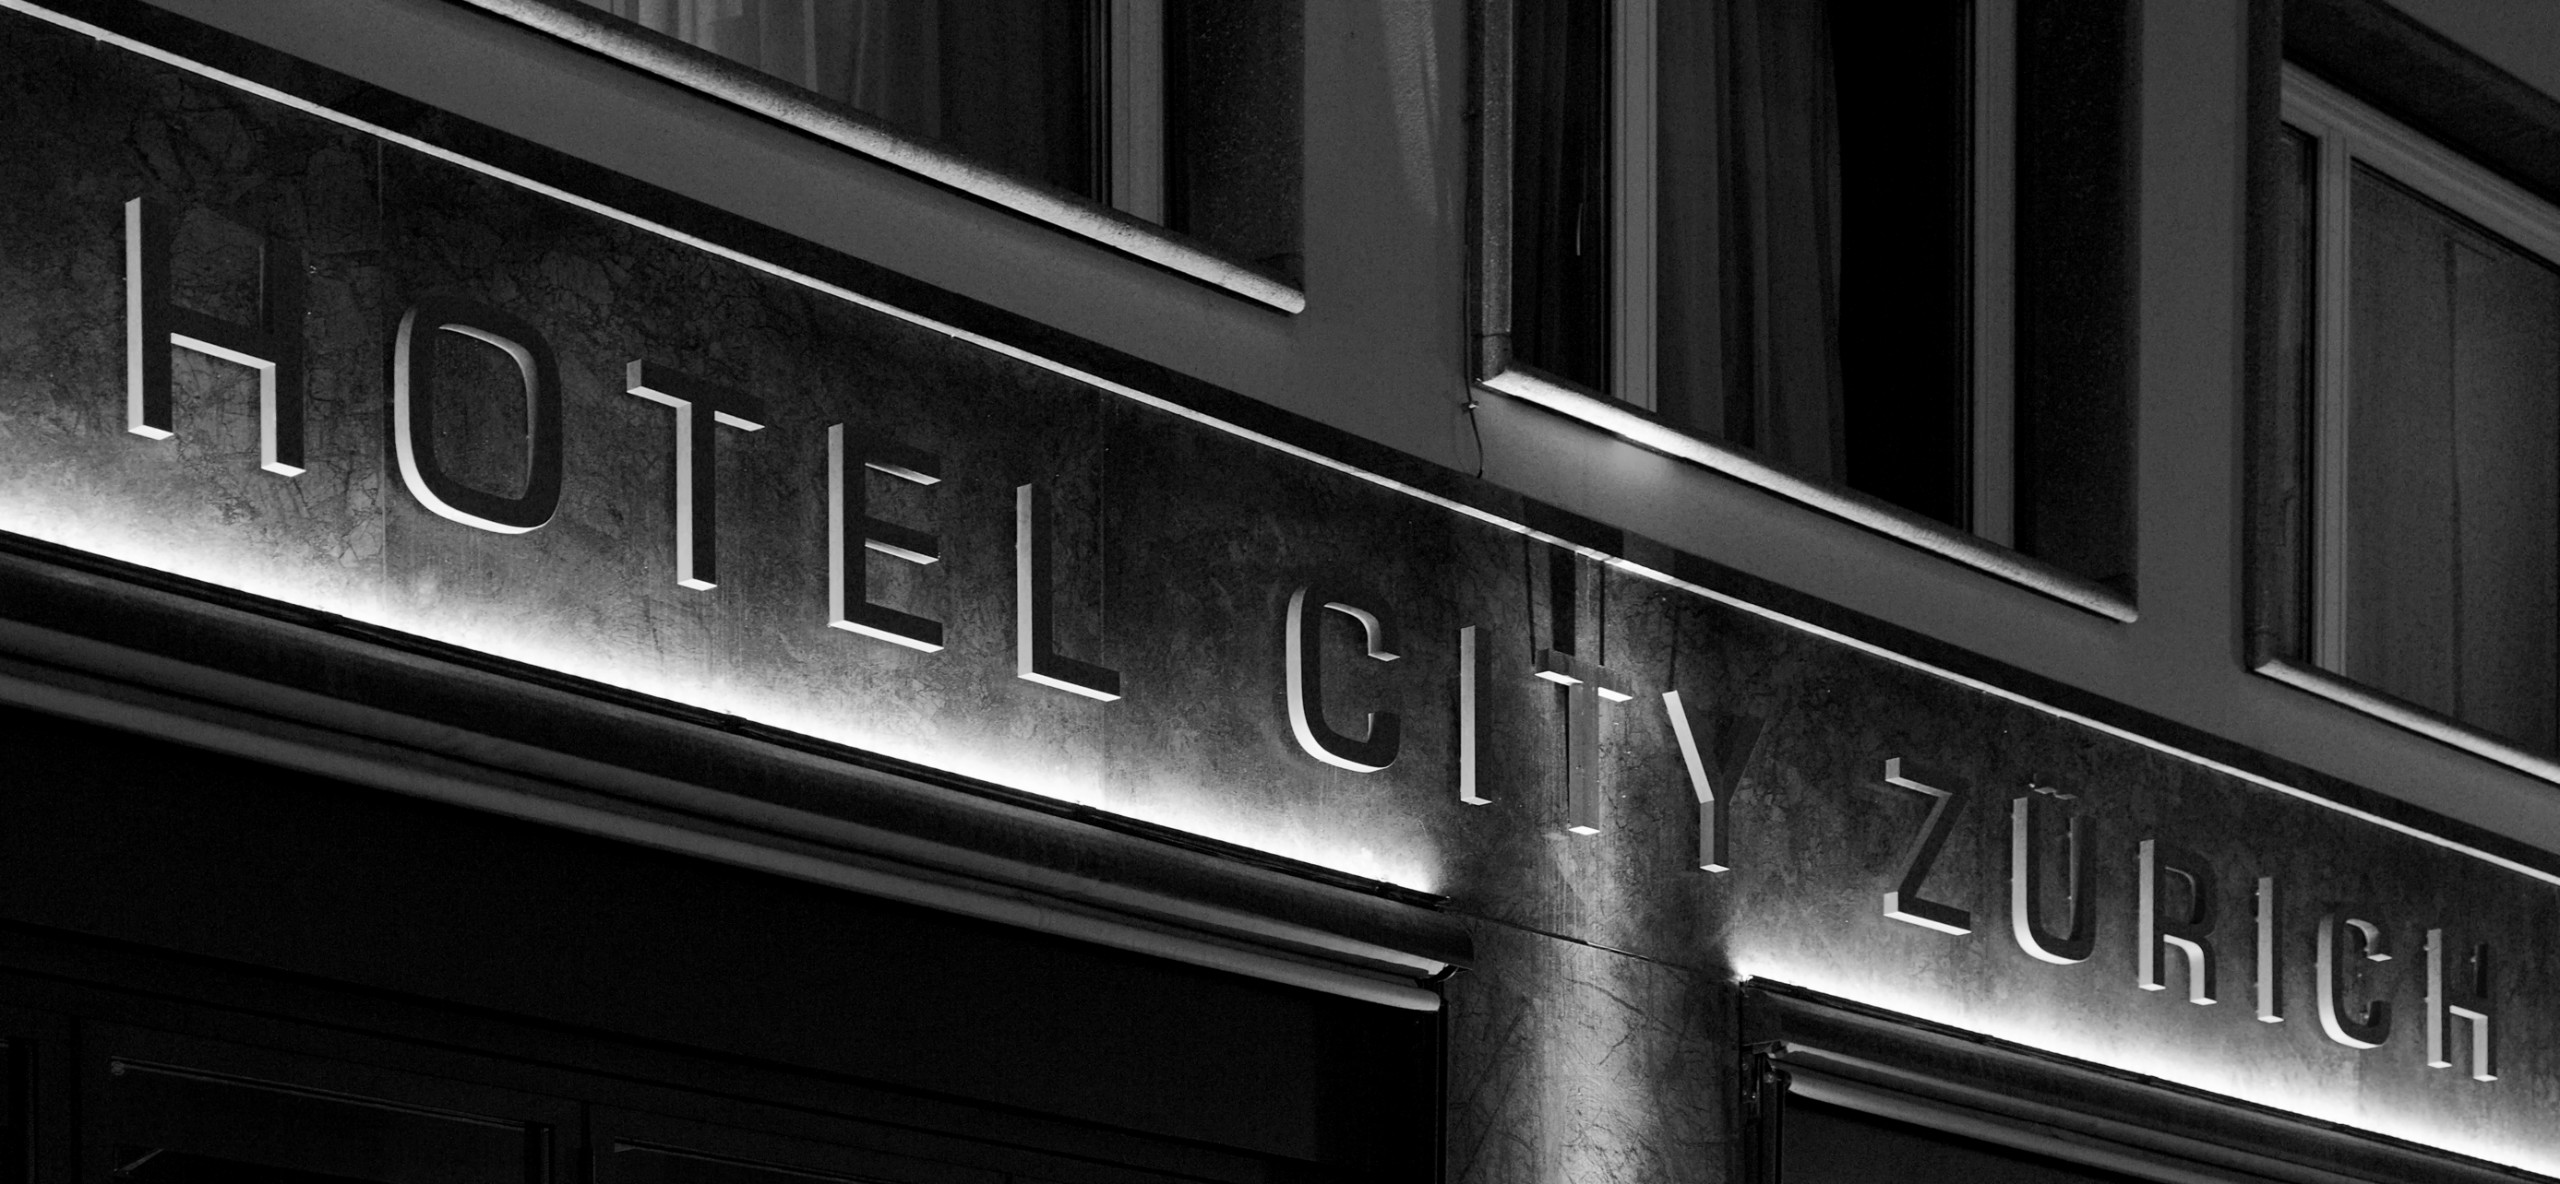 Ausstattung - Hotel City Zürich ***Superior Boutique Hotel - Fassade